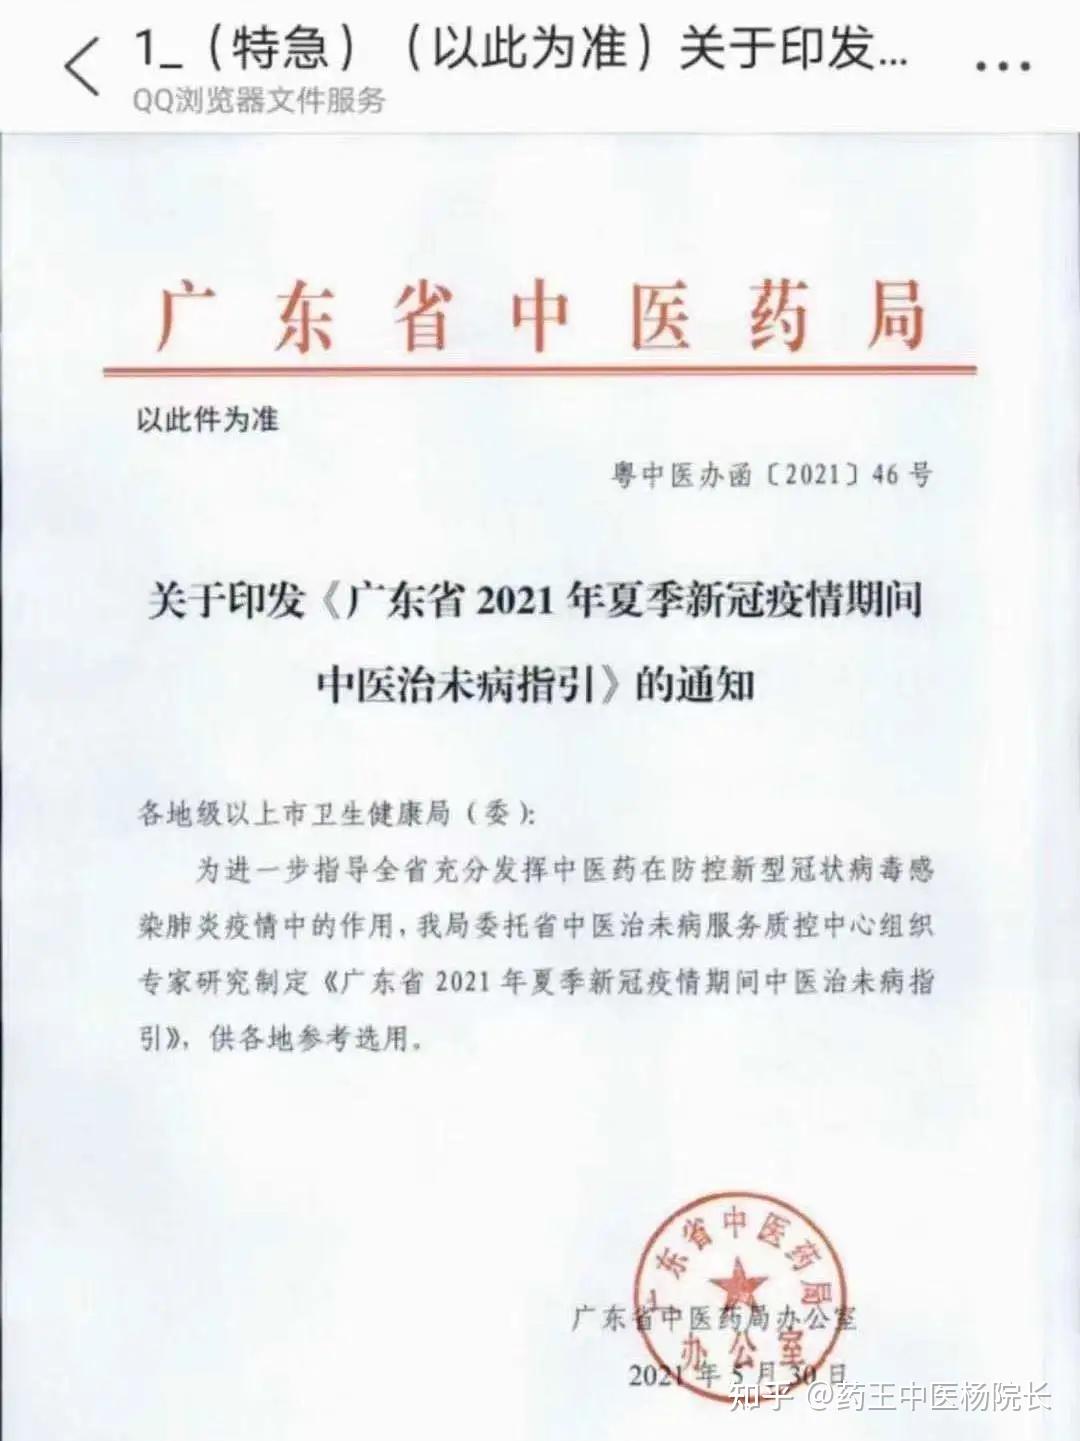 艾灸已纳入广东省中医药局防疫清单!2021年夏季防疫中医治未病指引